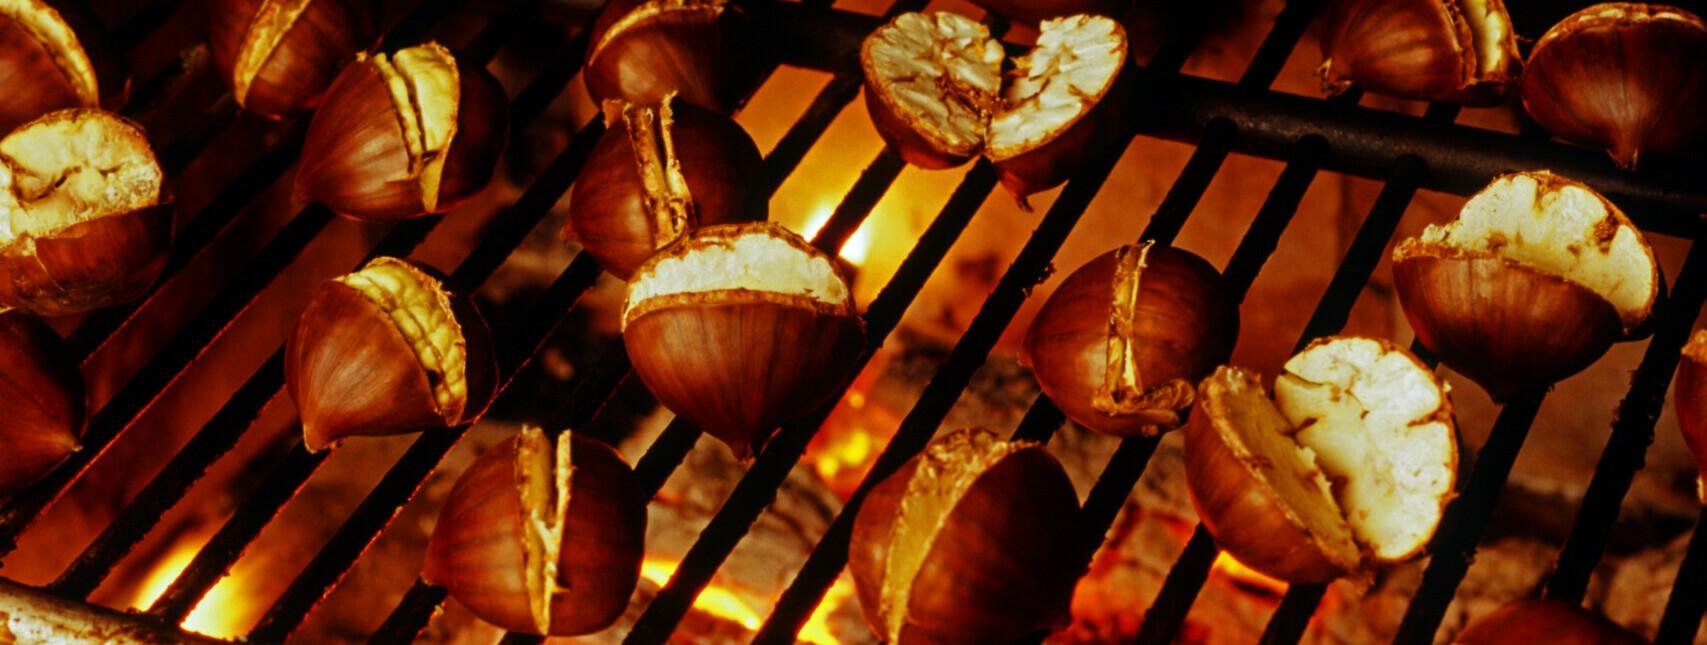 Kripperlroas im Salzkammergut